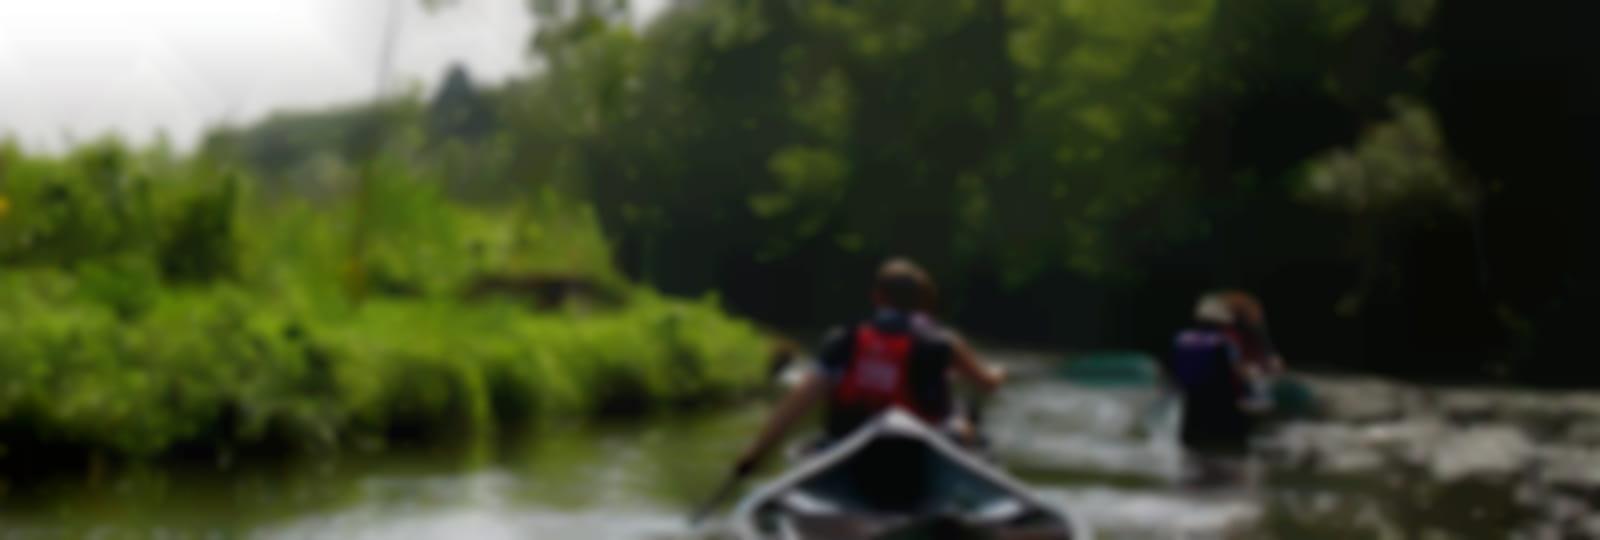 Canoe Kayak Club Bonnevalais